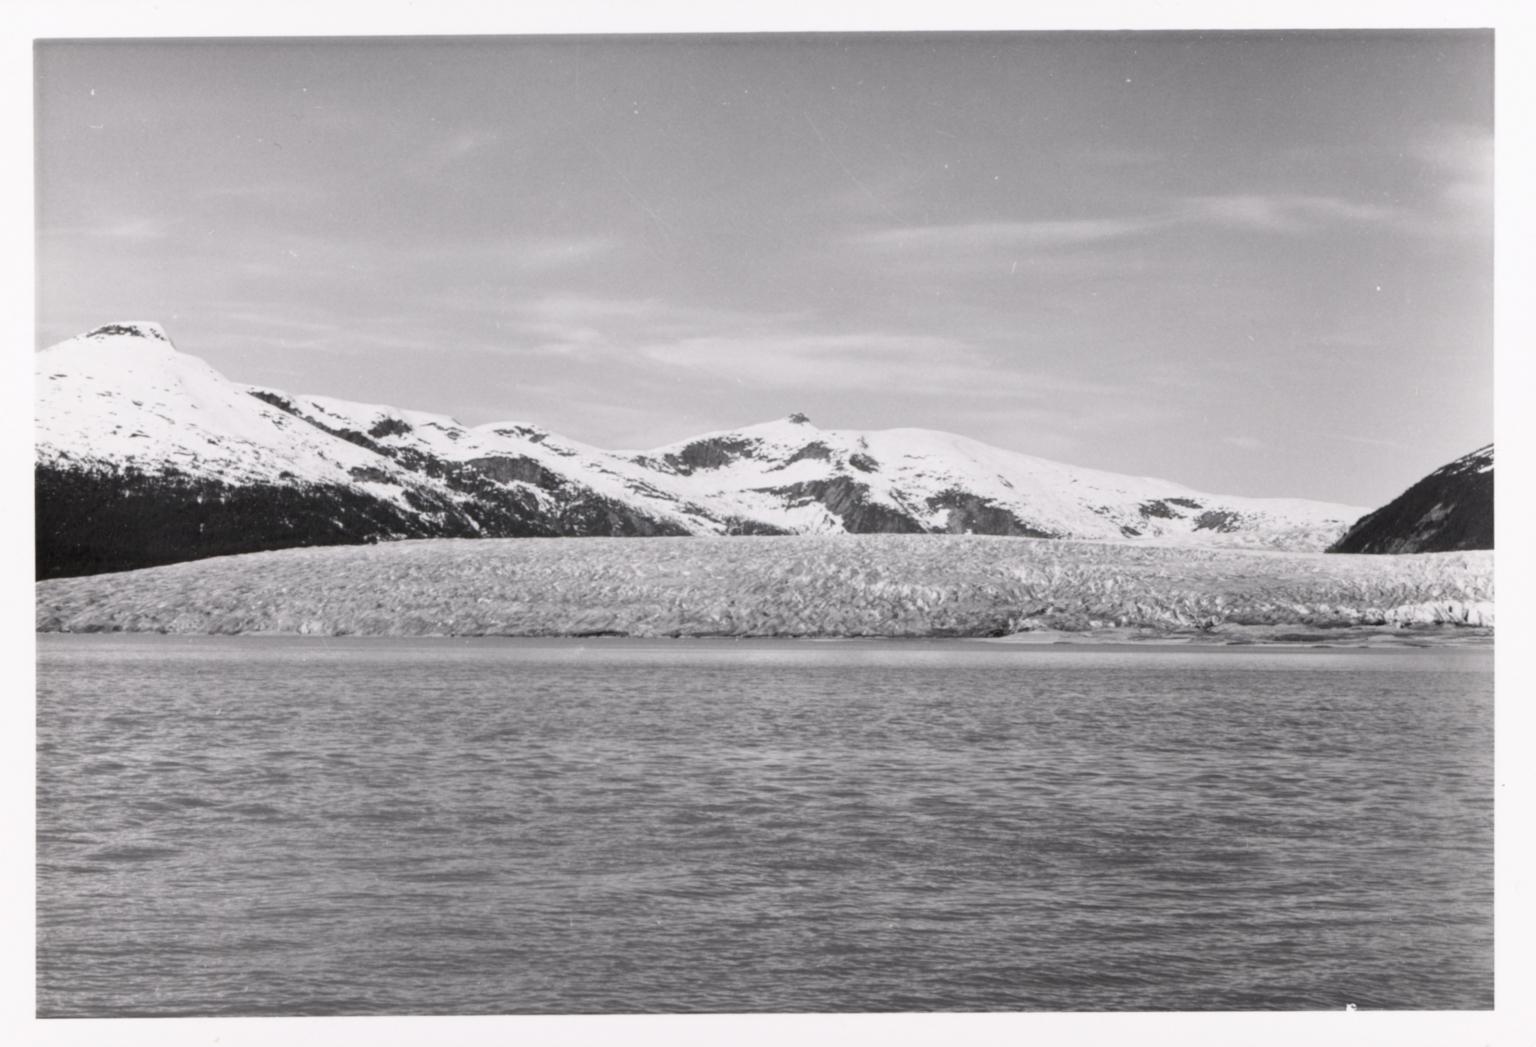 Taku Glacier, Alaska, United States